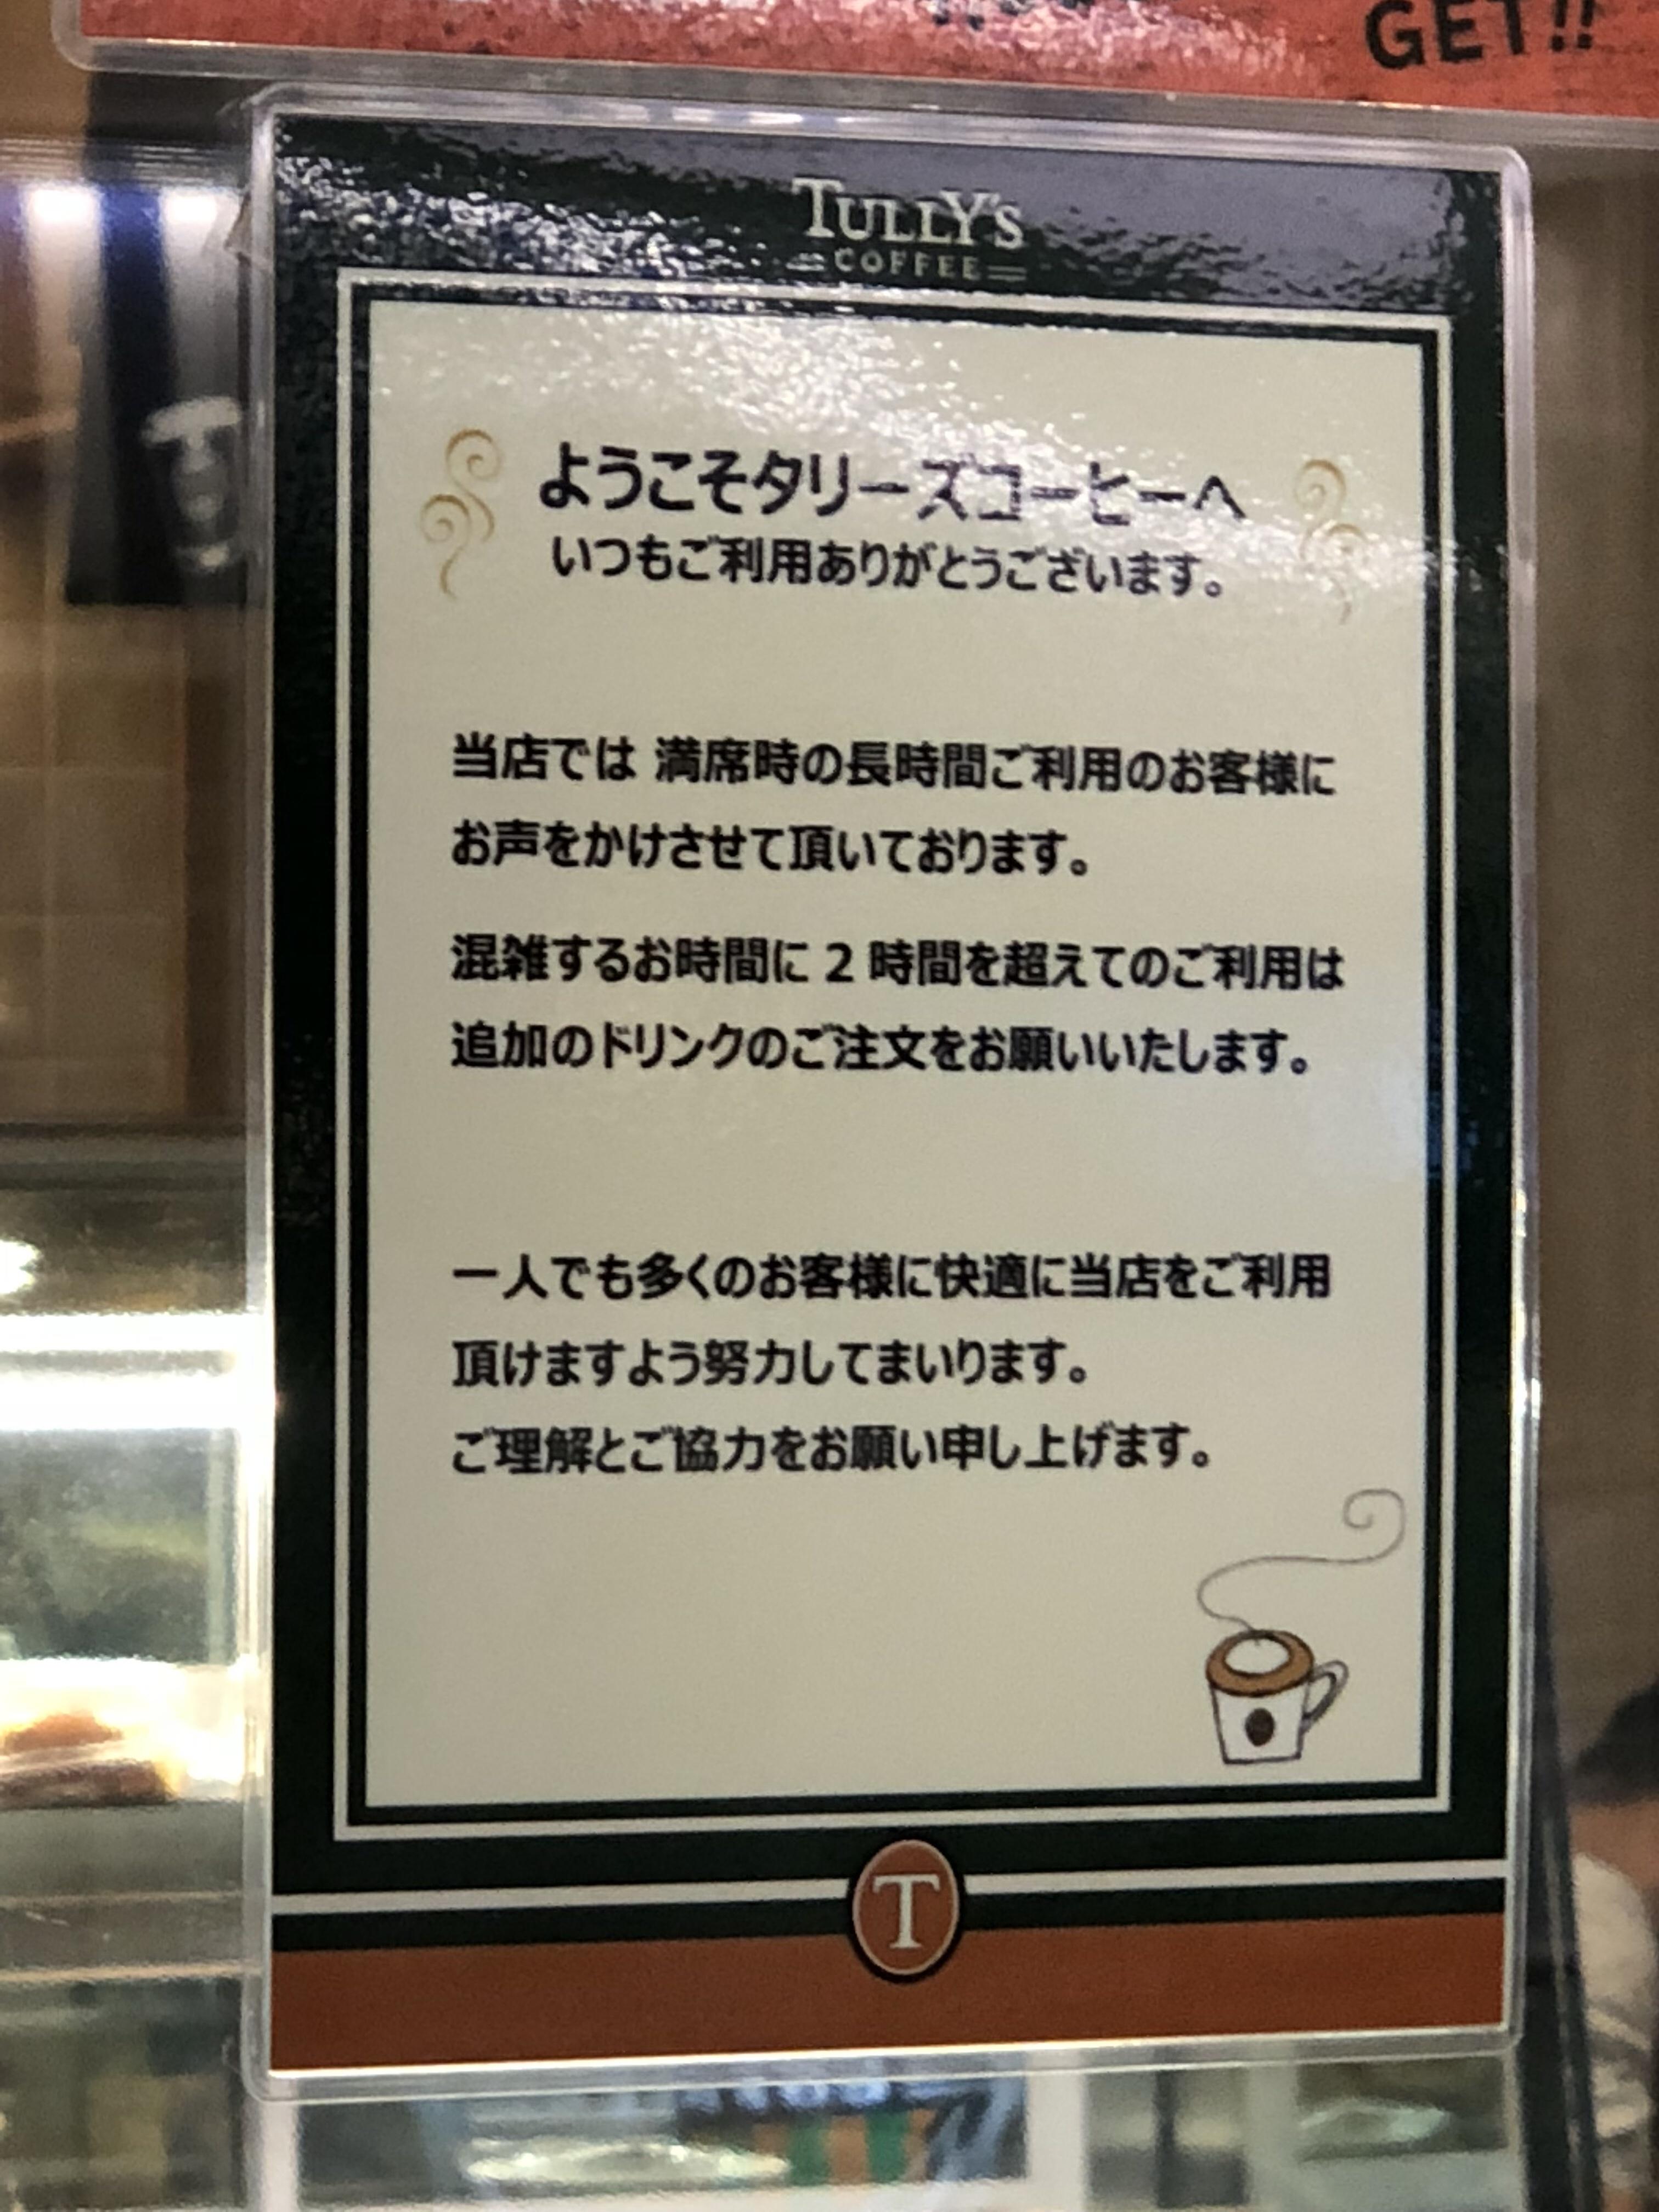 タリーズコーヒー新百合ヶ丘店の注意書き